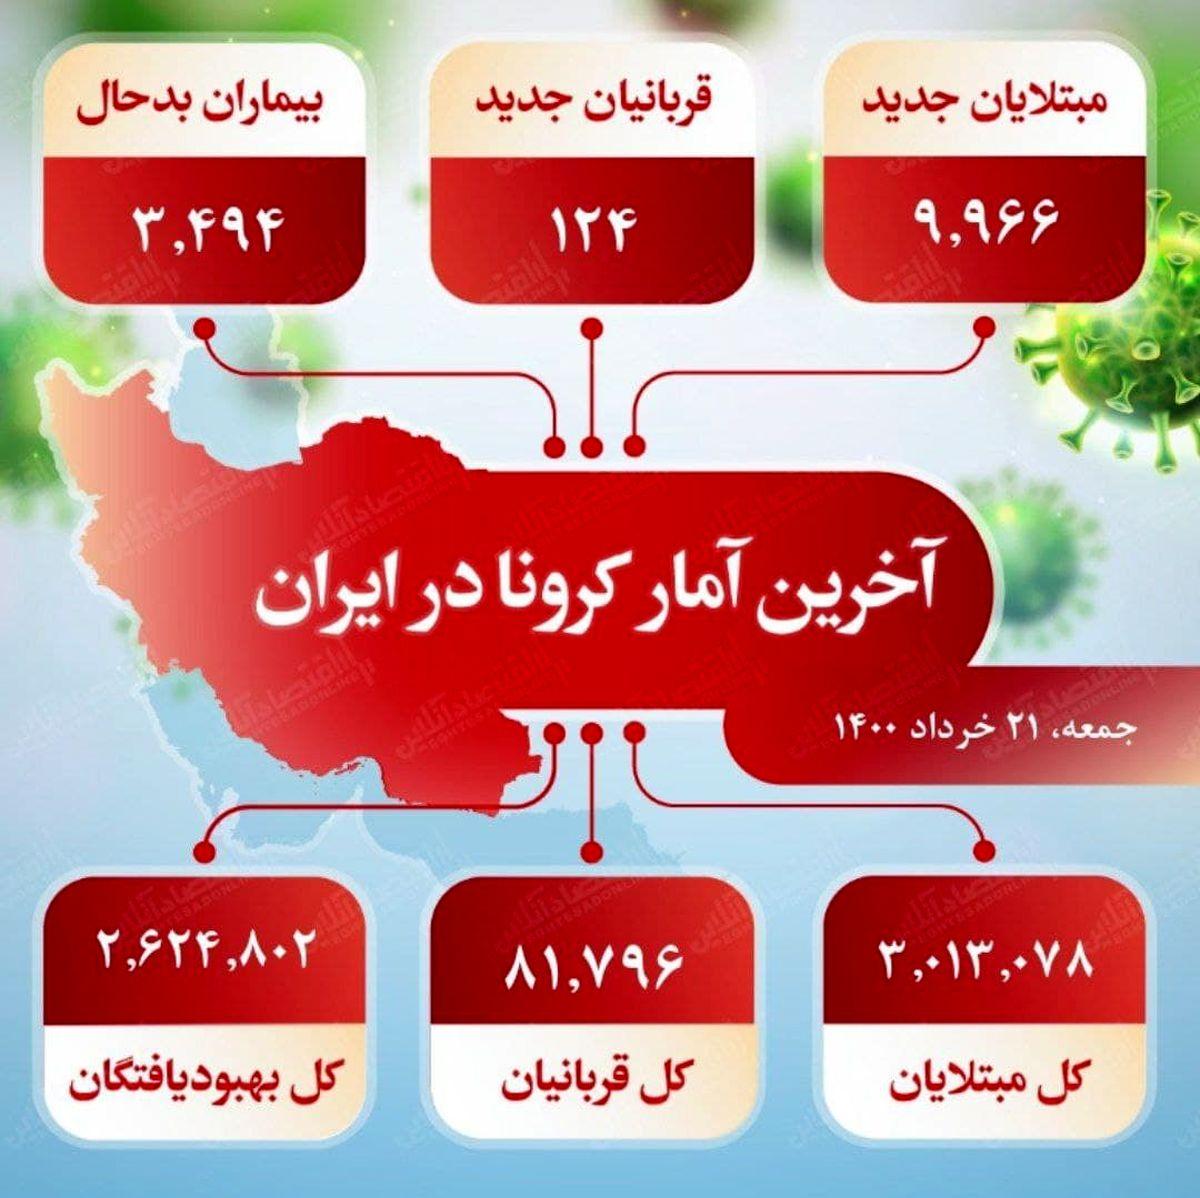 آخرین آمار کرونا در ایران (۱۴۰۰/۳/۲۱)